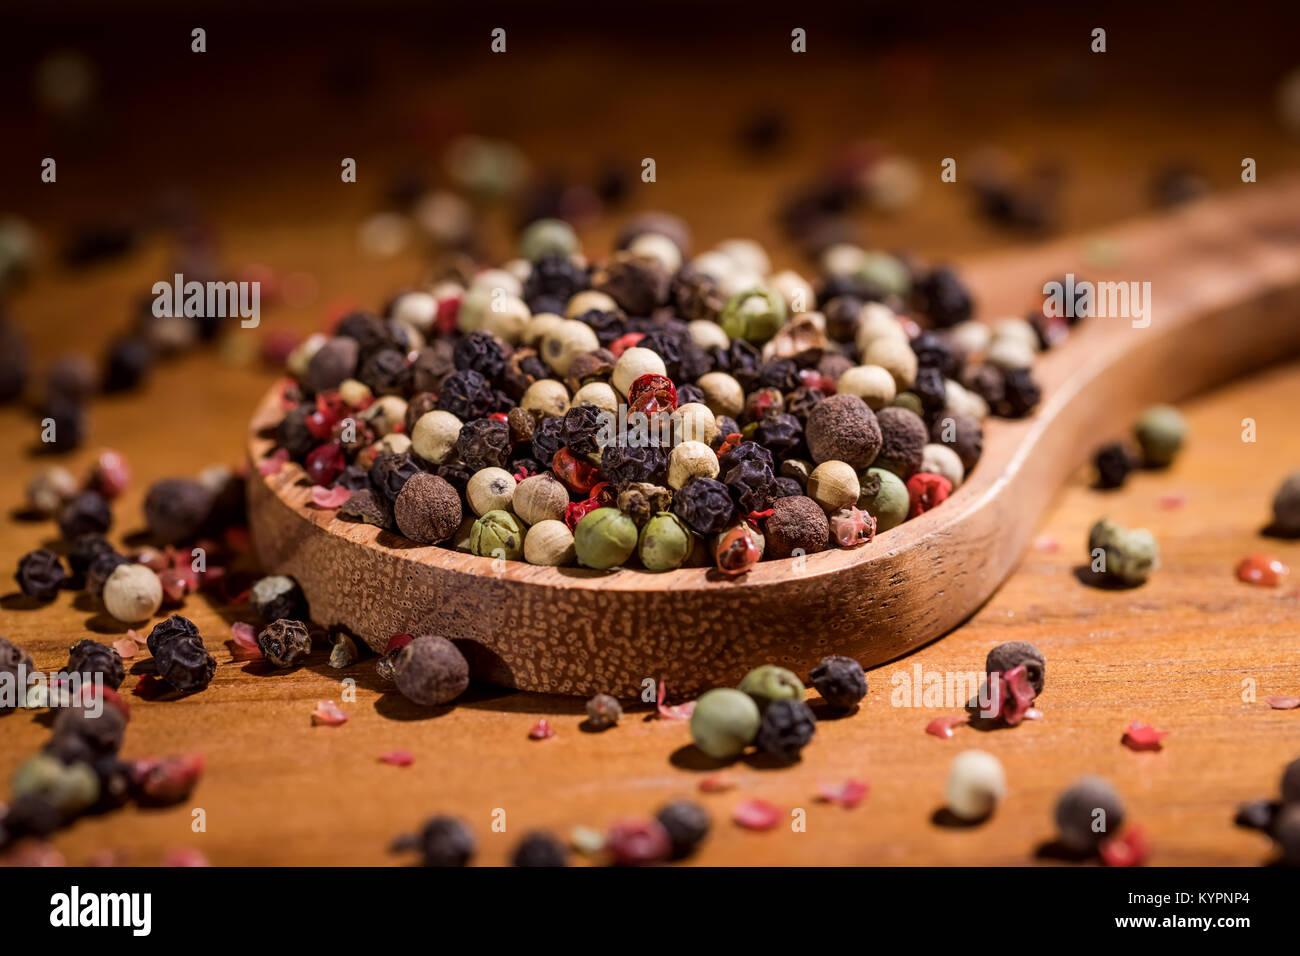 Mezcla los granos de pimienta. Mezcla seca pimienta cerrar Imagen De Stock